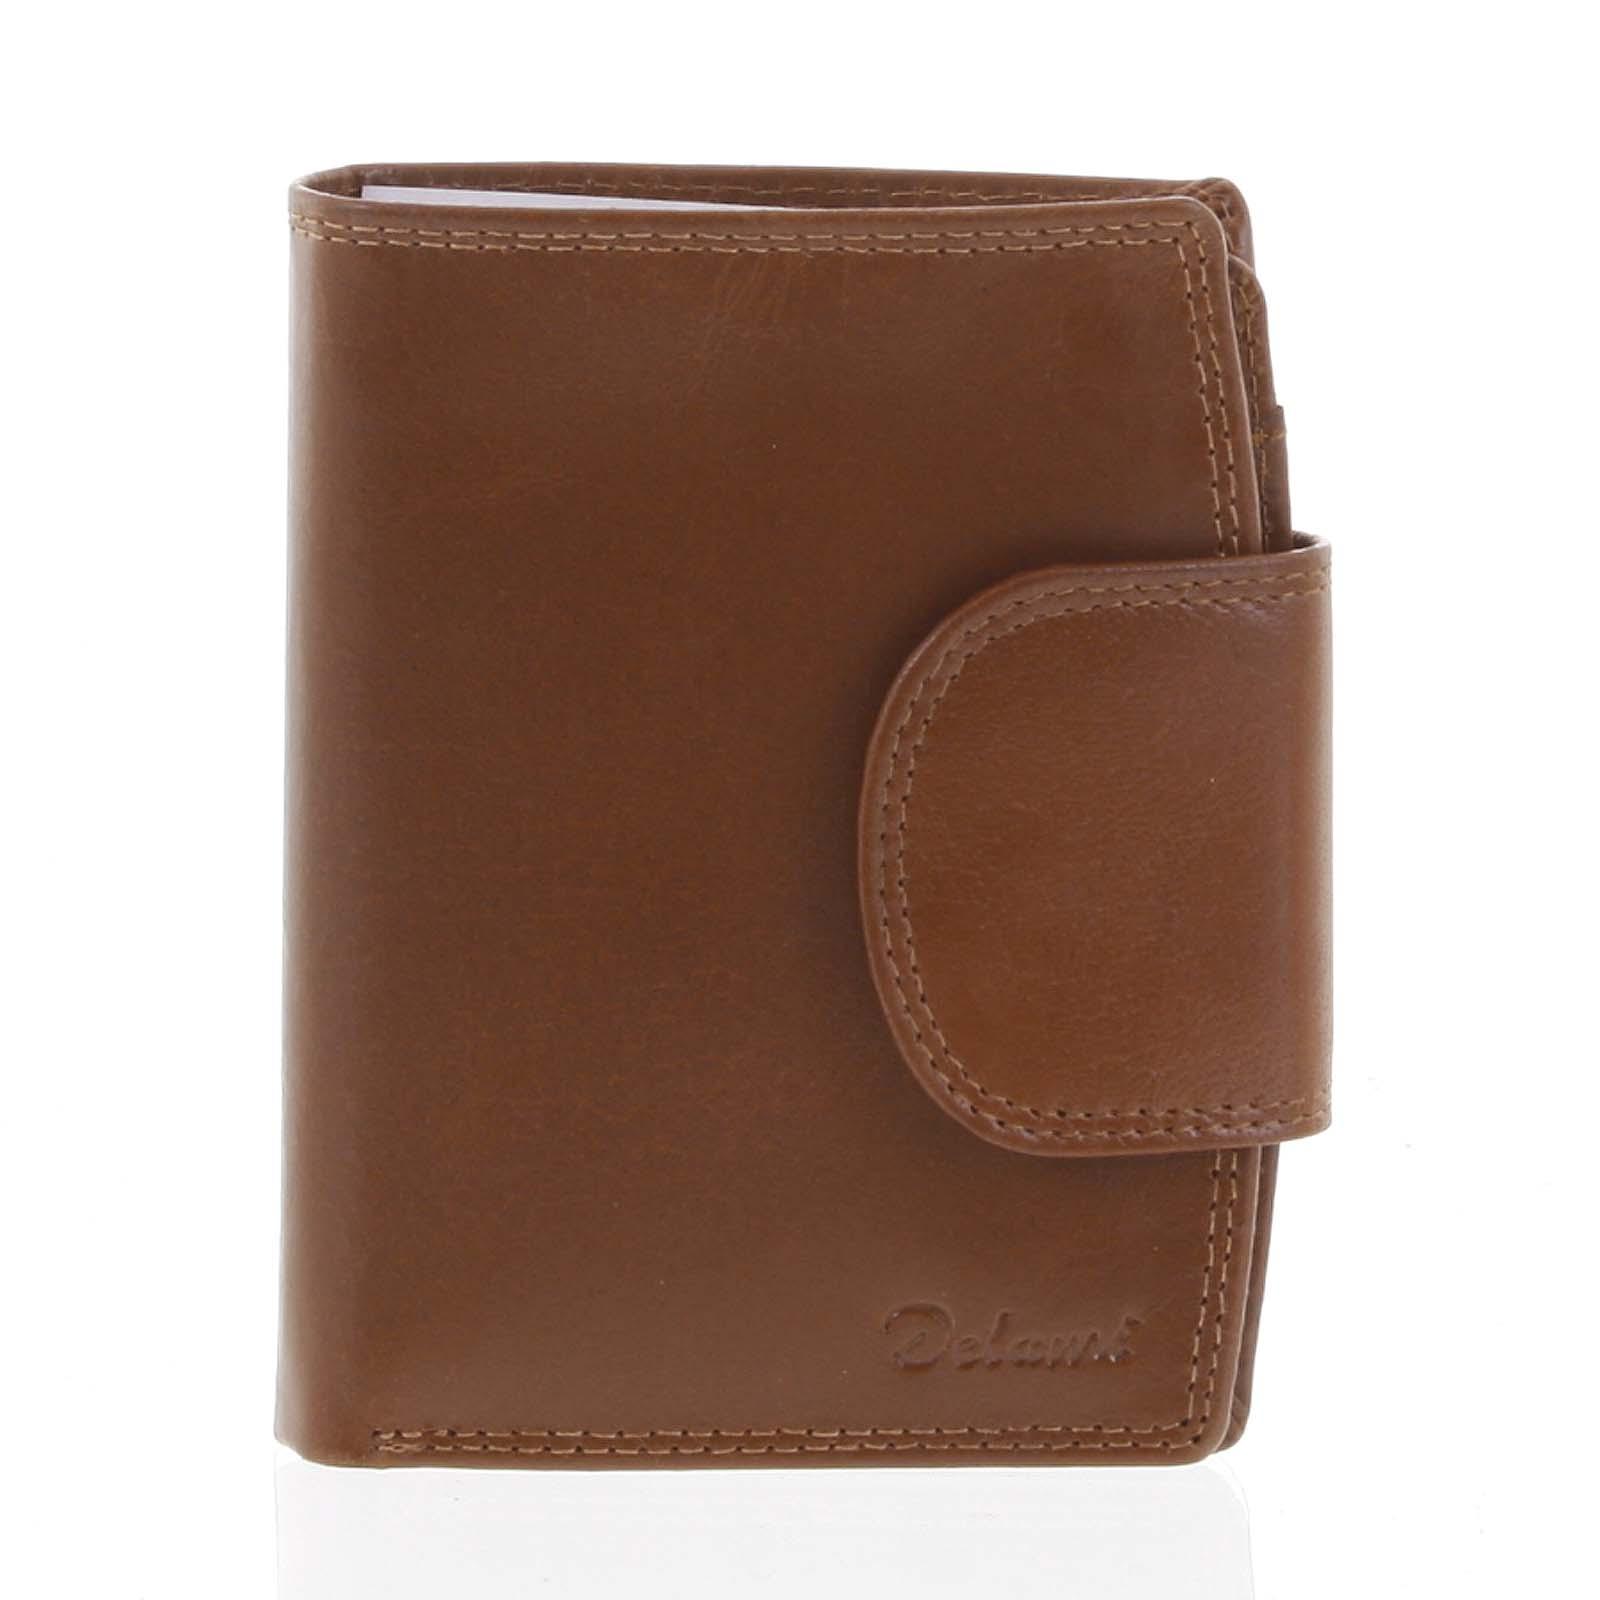 Kožená elegantná svetlohnedá peňaženka pre mužov - Delami 1342CHA